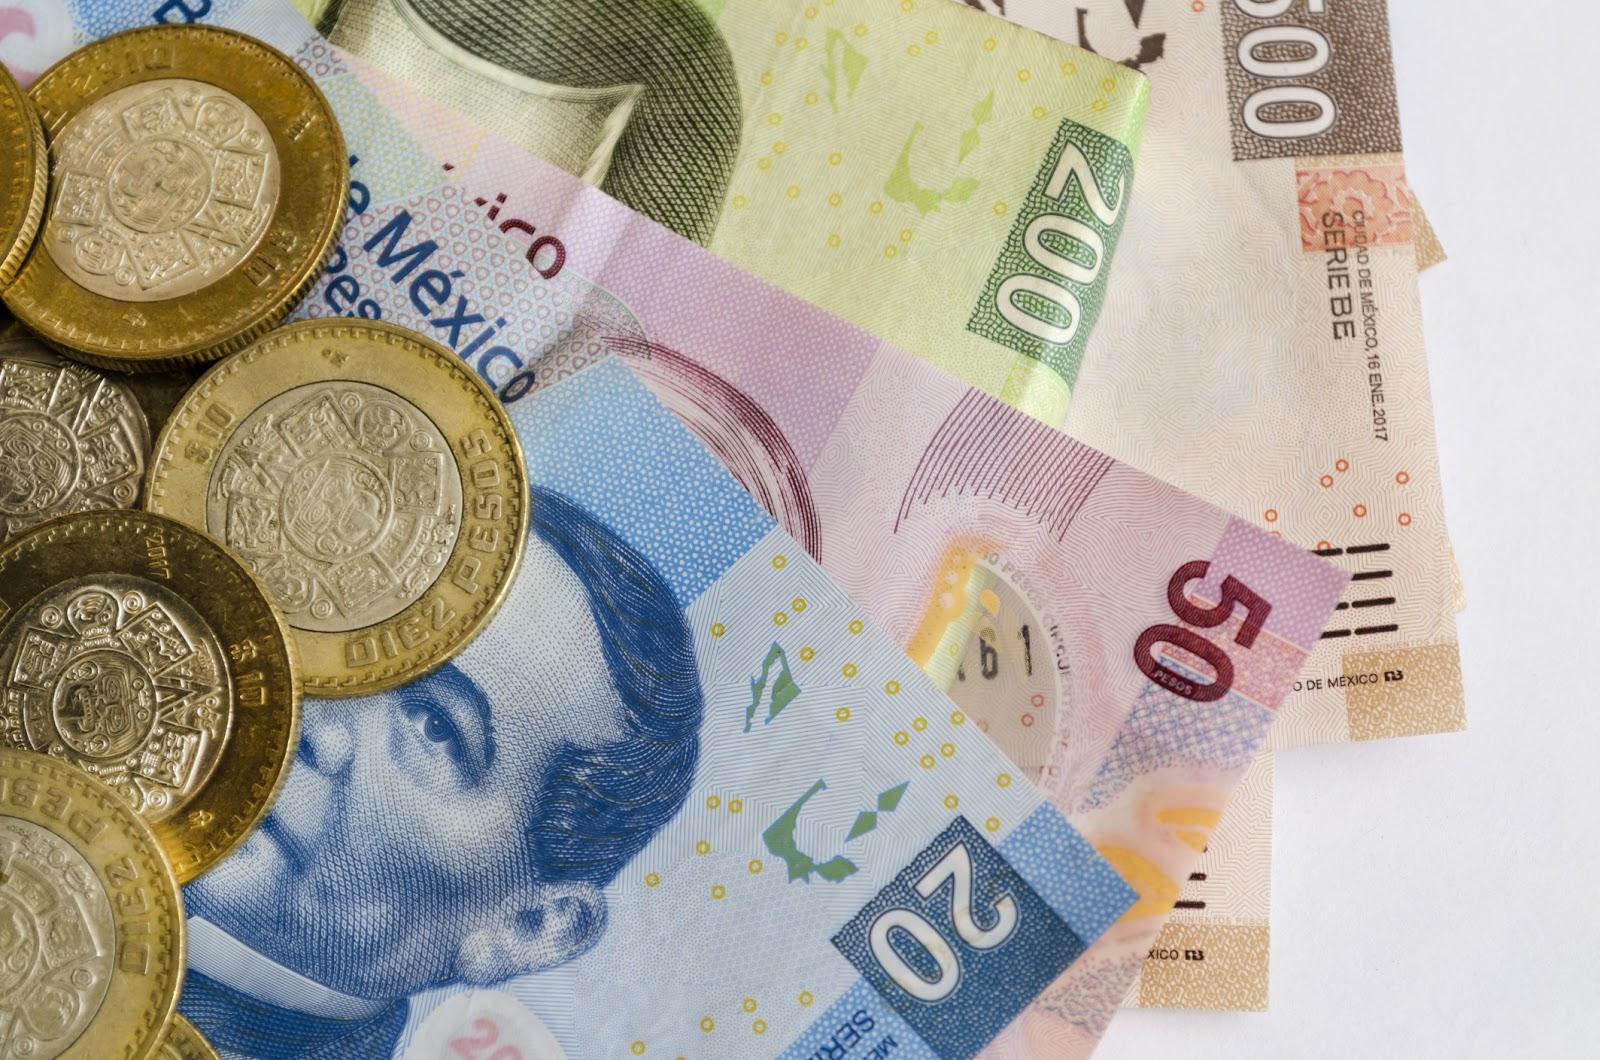 billetes-y-monedas-como-venderlas-a-coleccionistas-160494 utilidades